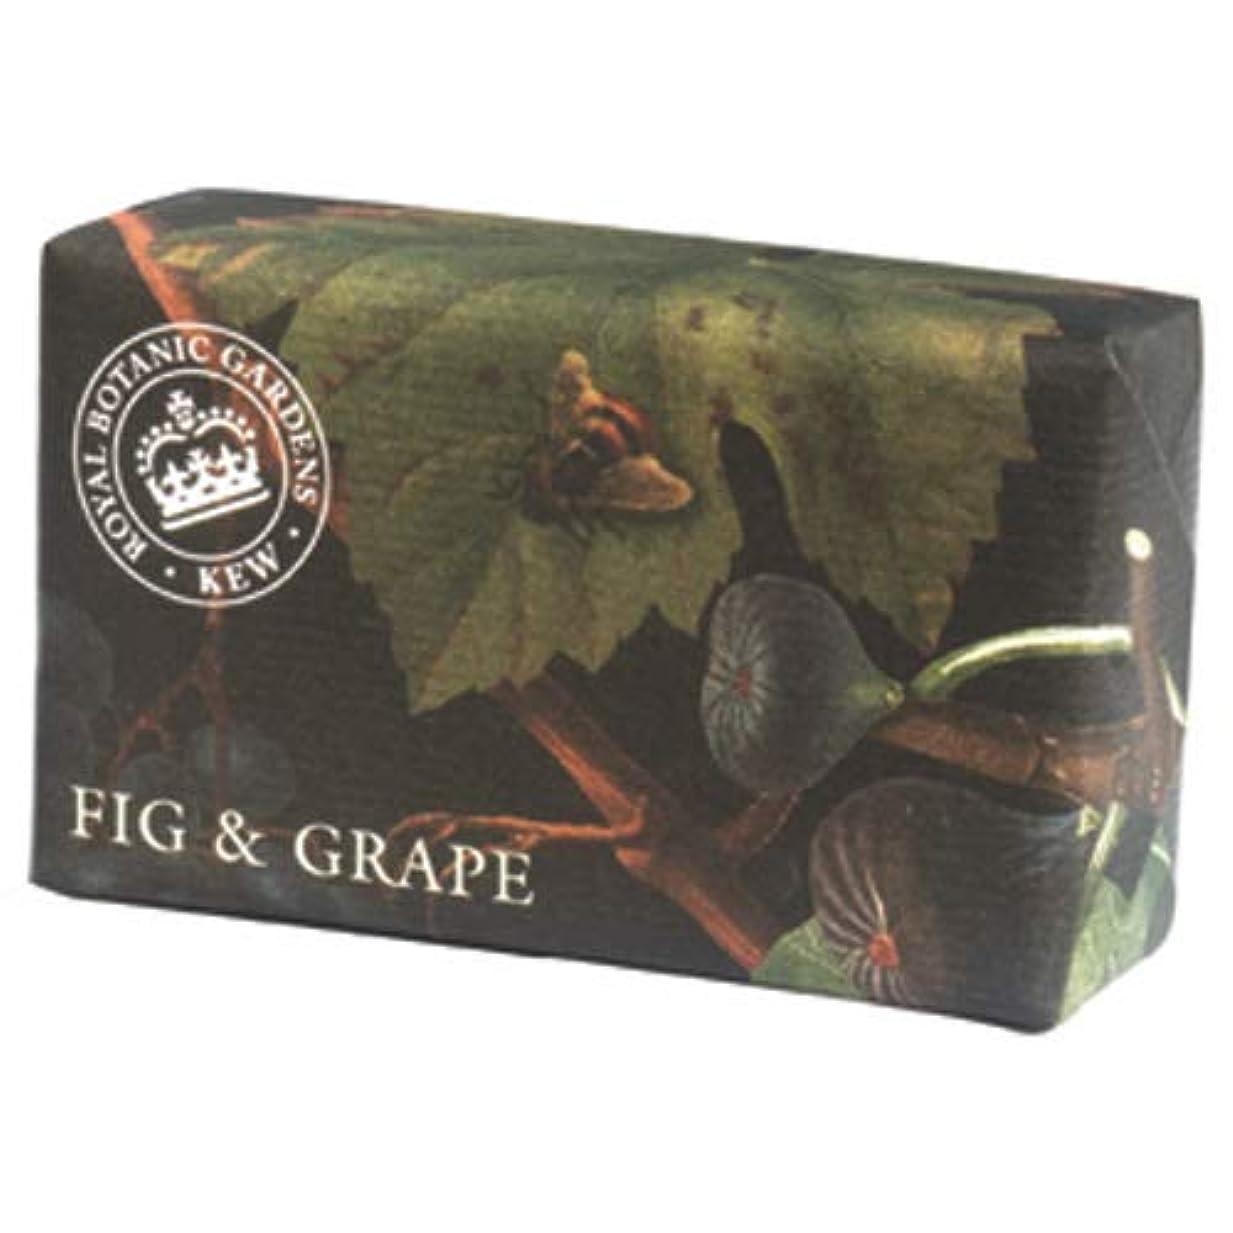 規模噛む真珠のような三和トレーディング English Soap Company イングリッシュソープカンパニー KEW GARDEN キュー?ガーデン Luxury Shea Soaps シアソープ Fig & Grape フィグ&グレープ